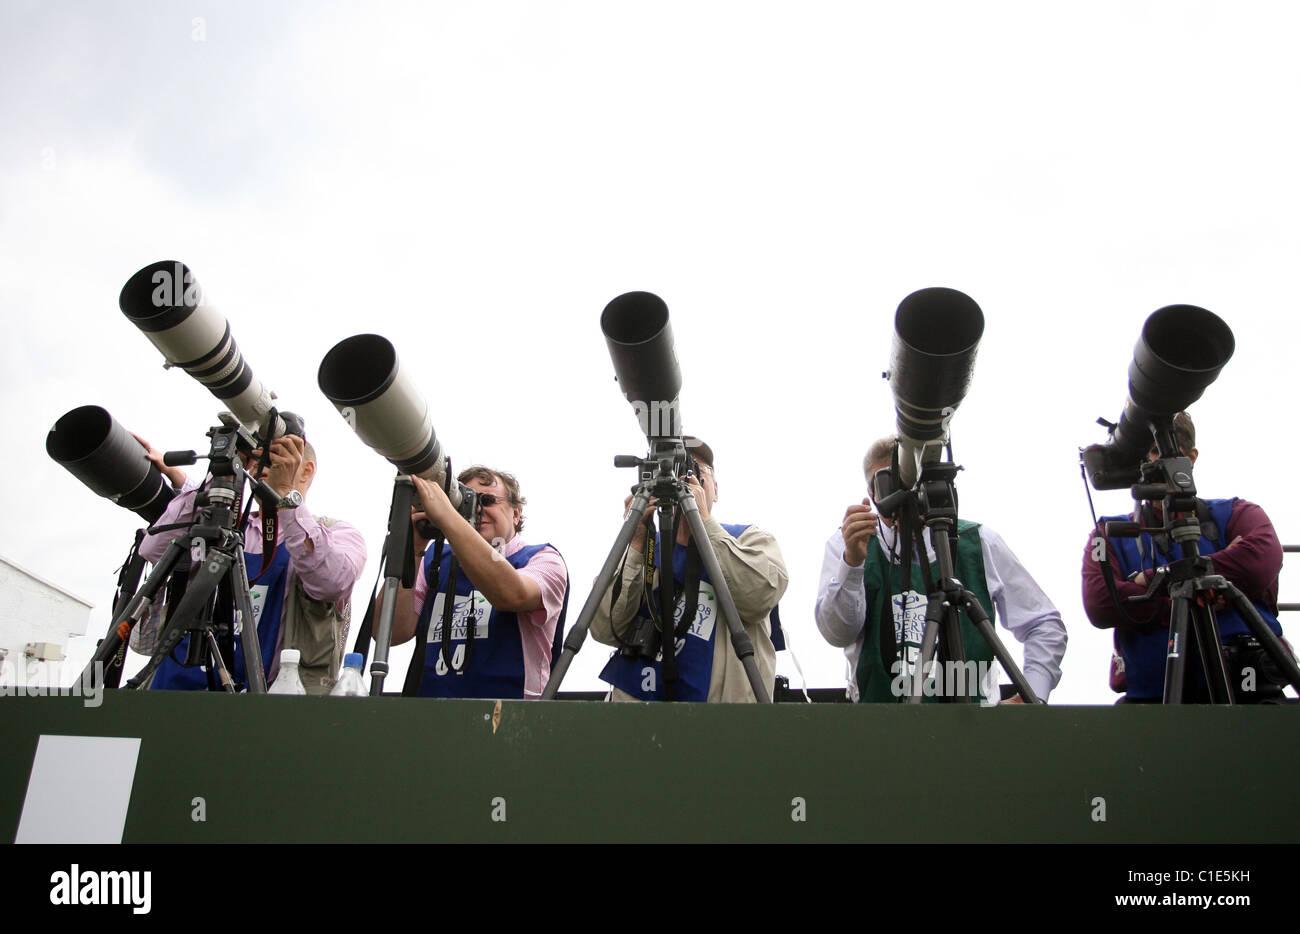 Photographers at work, Epsom, United Kingdom - Stock Image